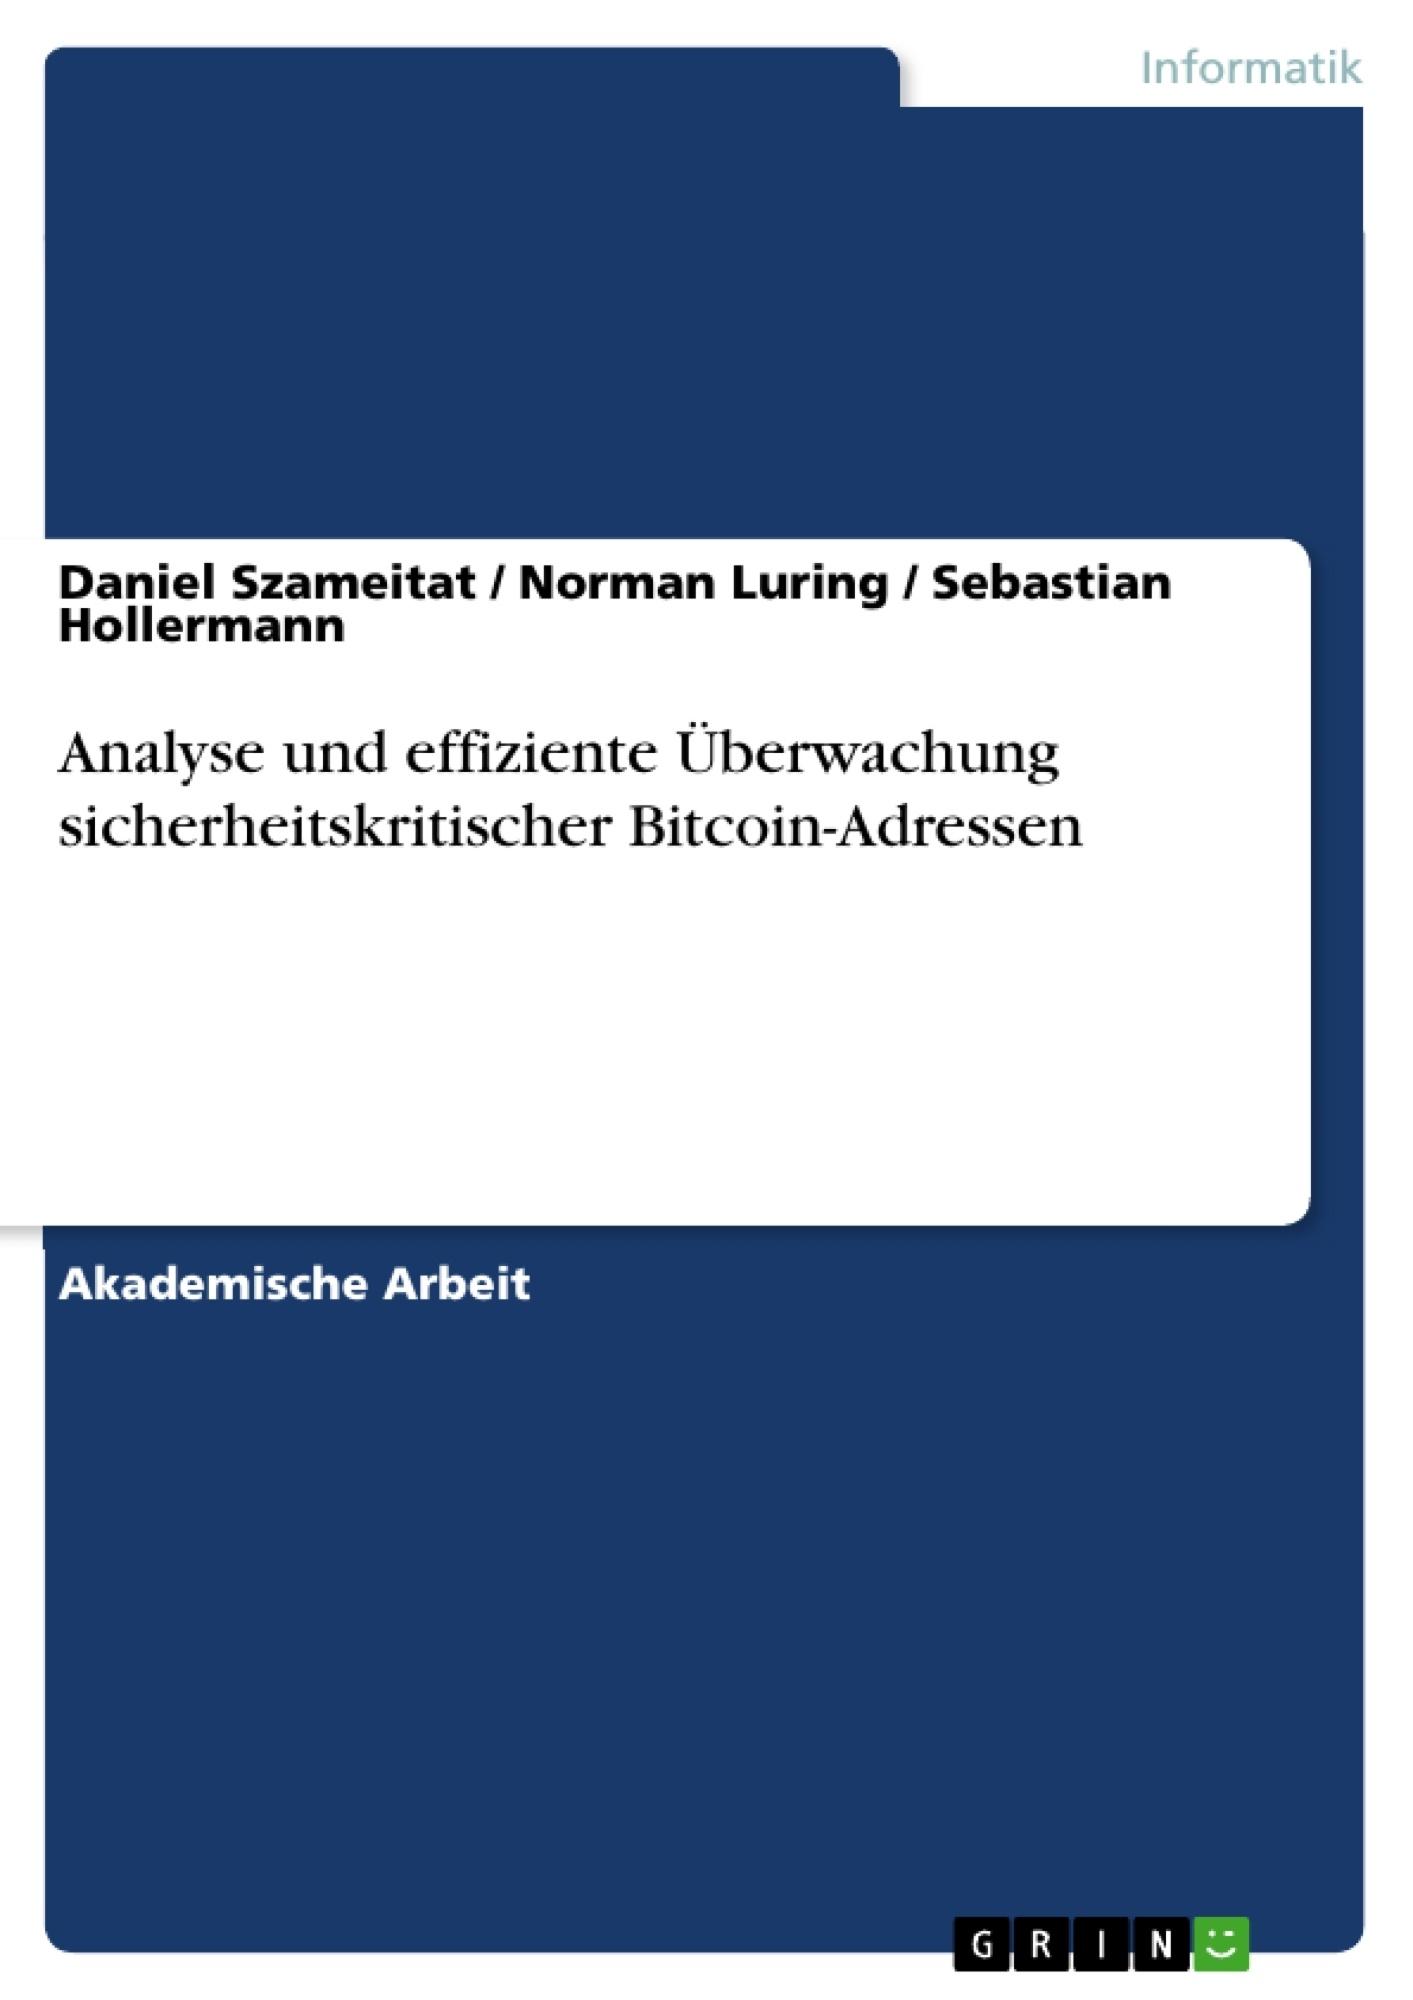 Titel: Analyse und effiziente Überwachung sicherheitskritischer Bitcoin-Adressen